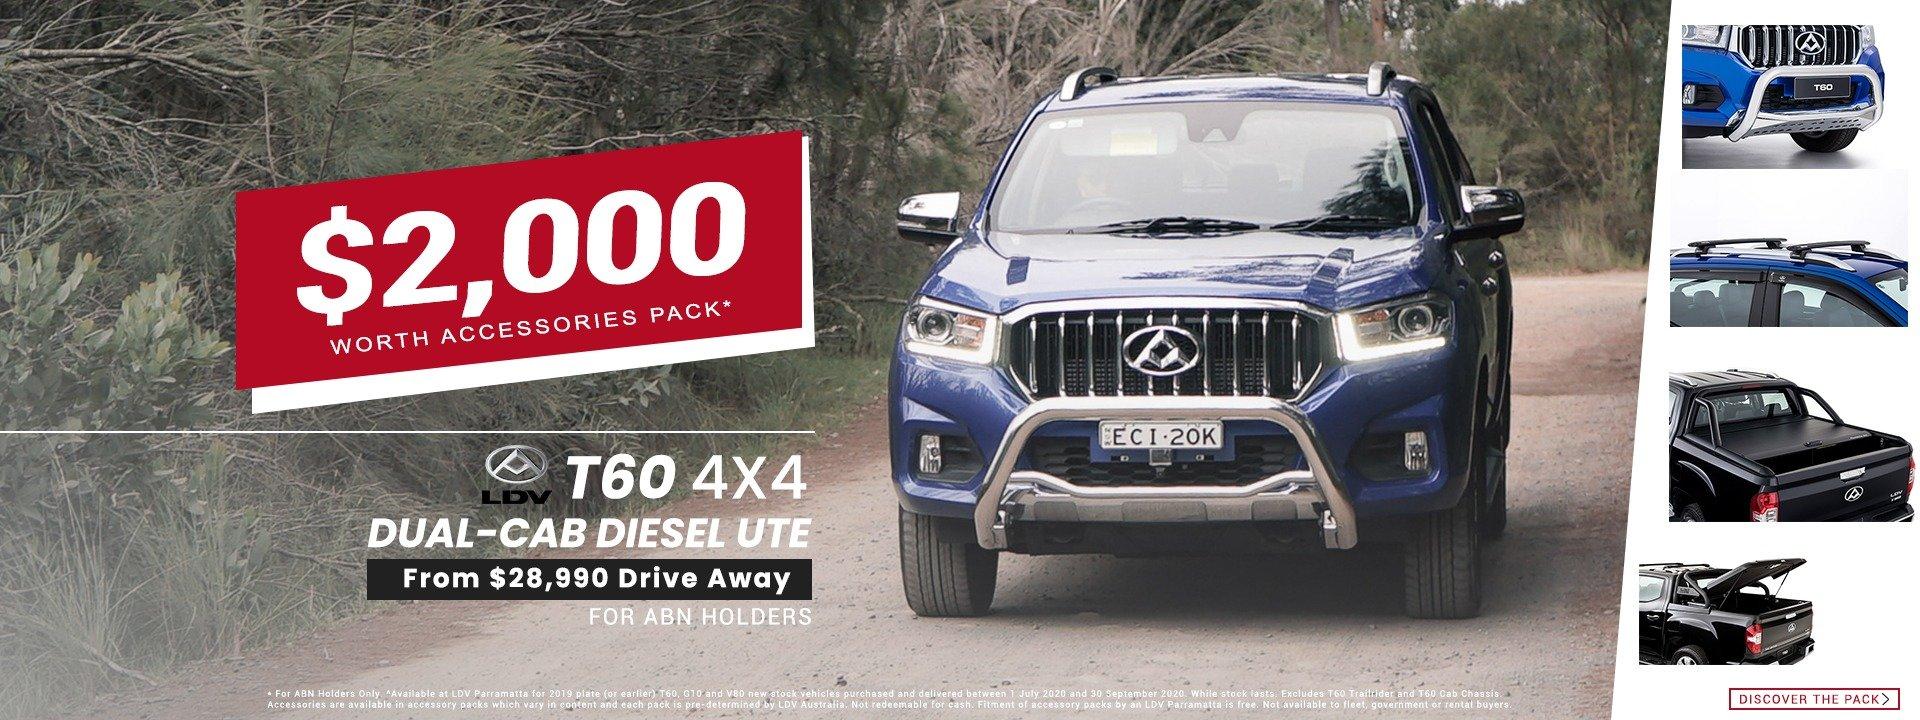 ldv_t60_sale_offer